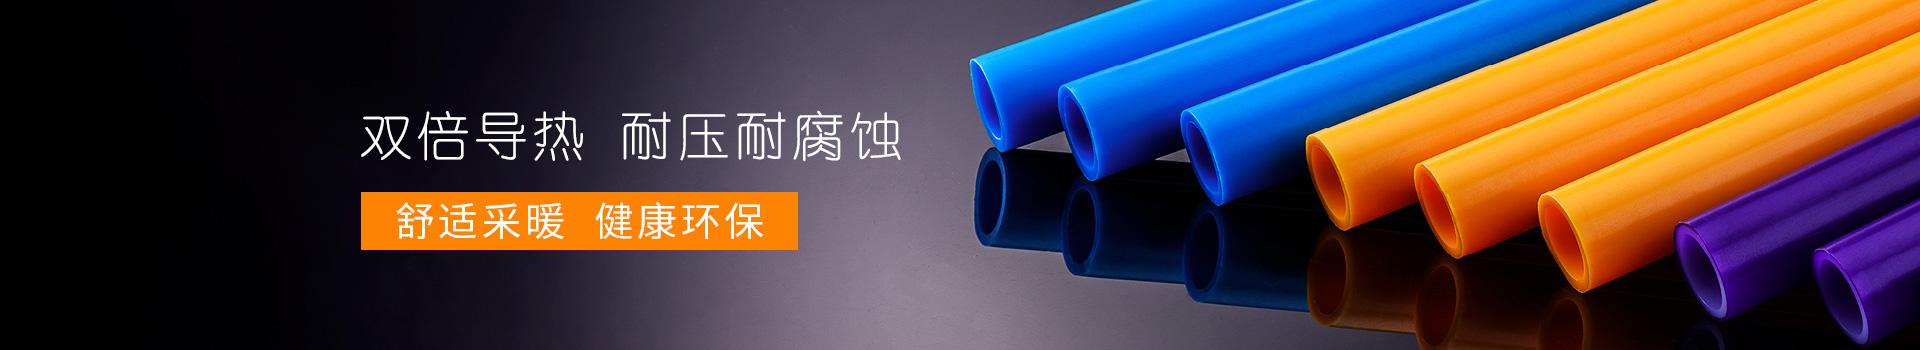 全能E家-双倍导热,耐压耐腐蚀,舒适采暖,健康环保